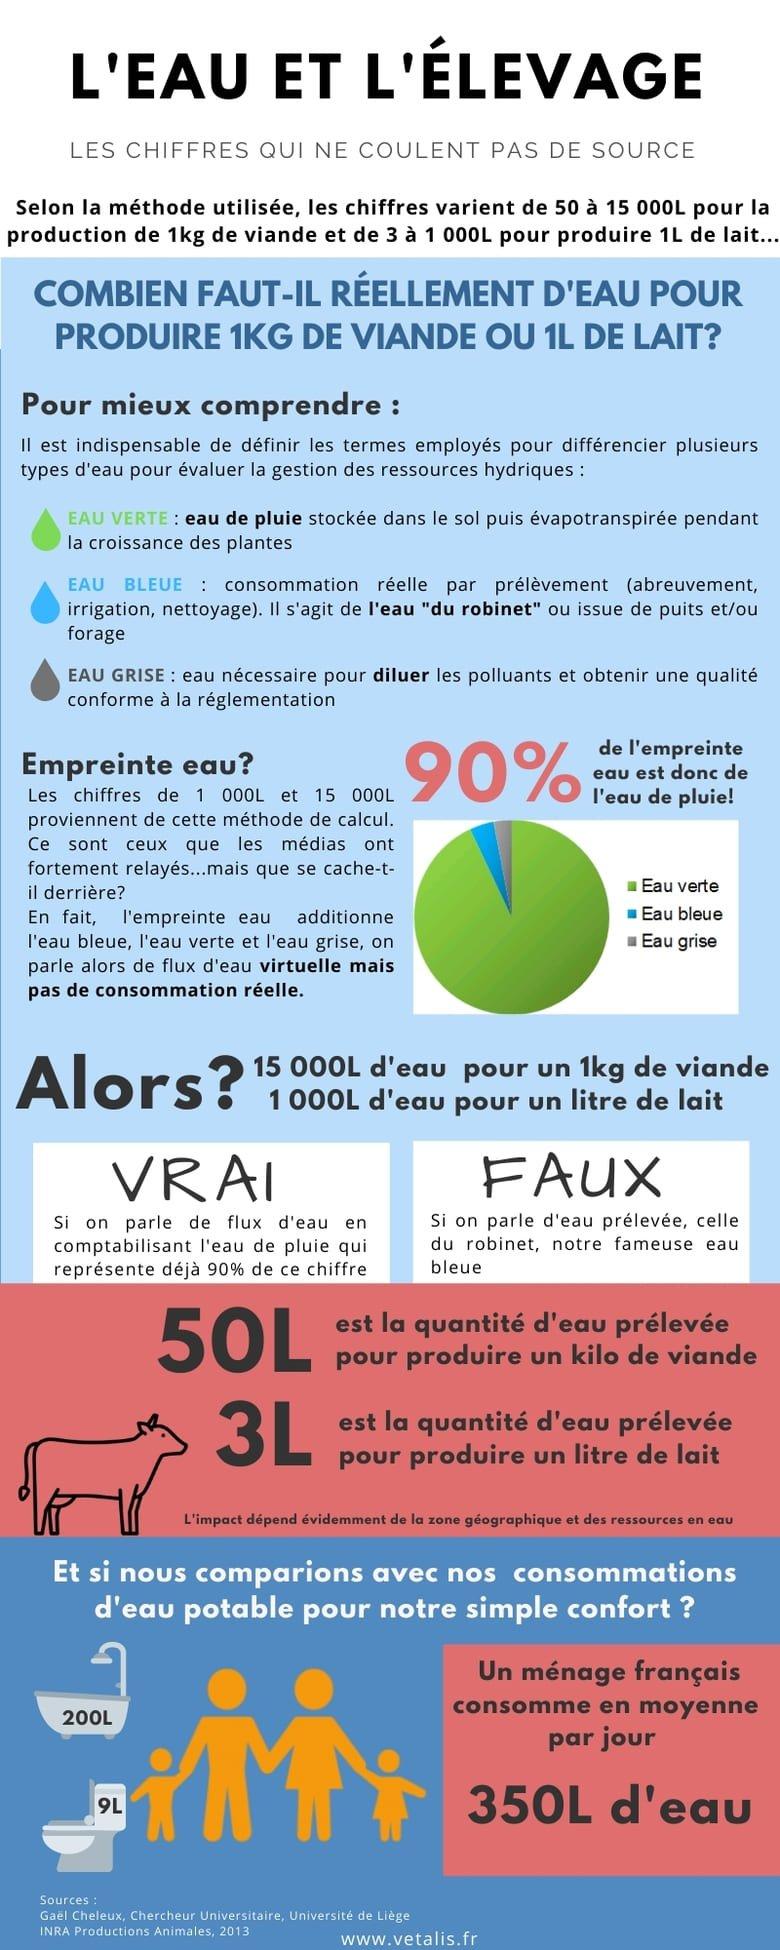 Infographie sur la consommation d'eau des vaches en élevage